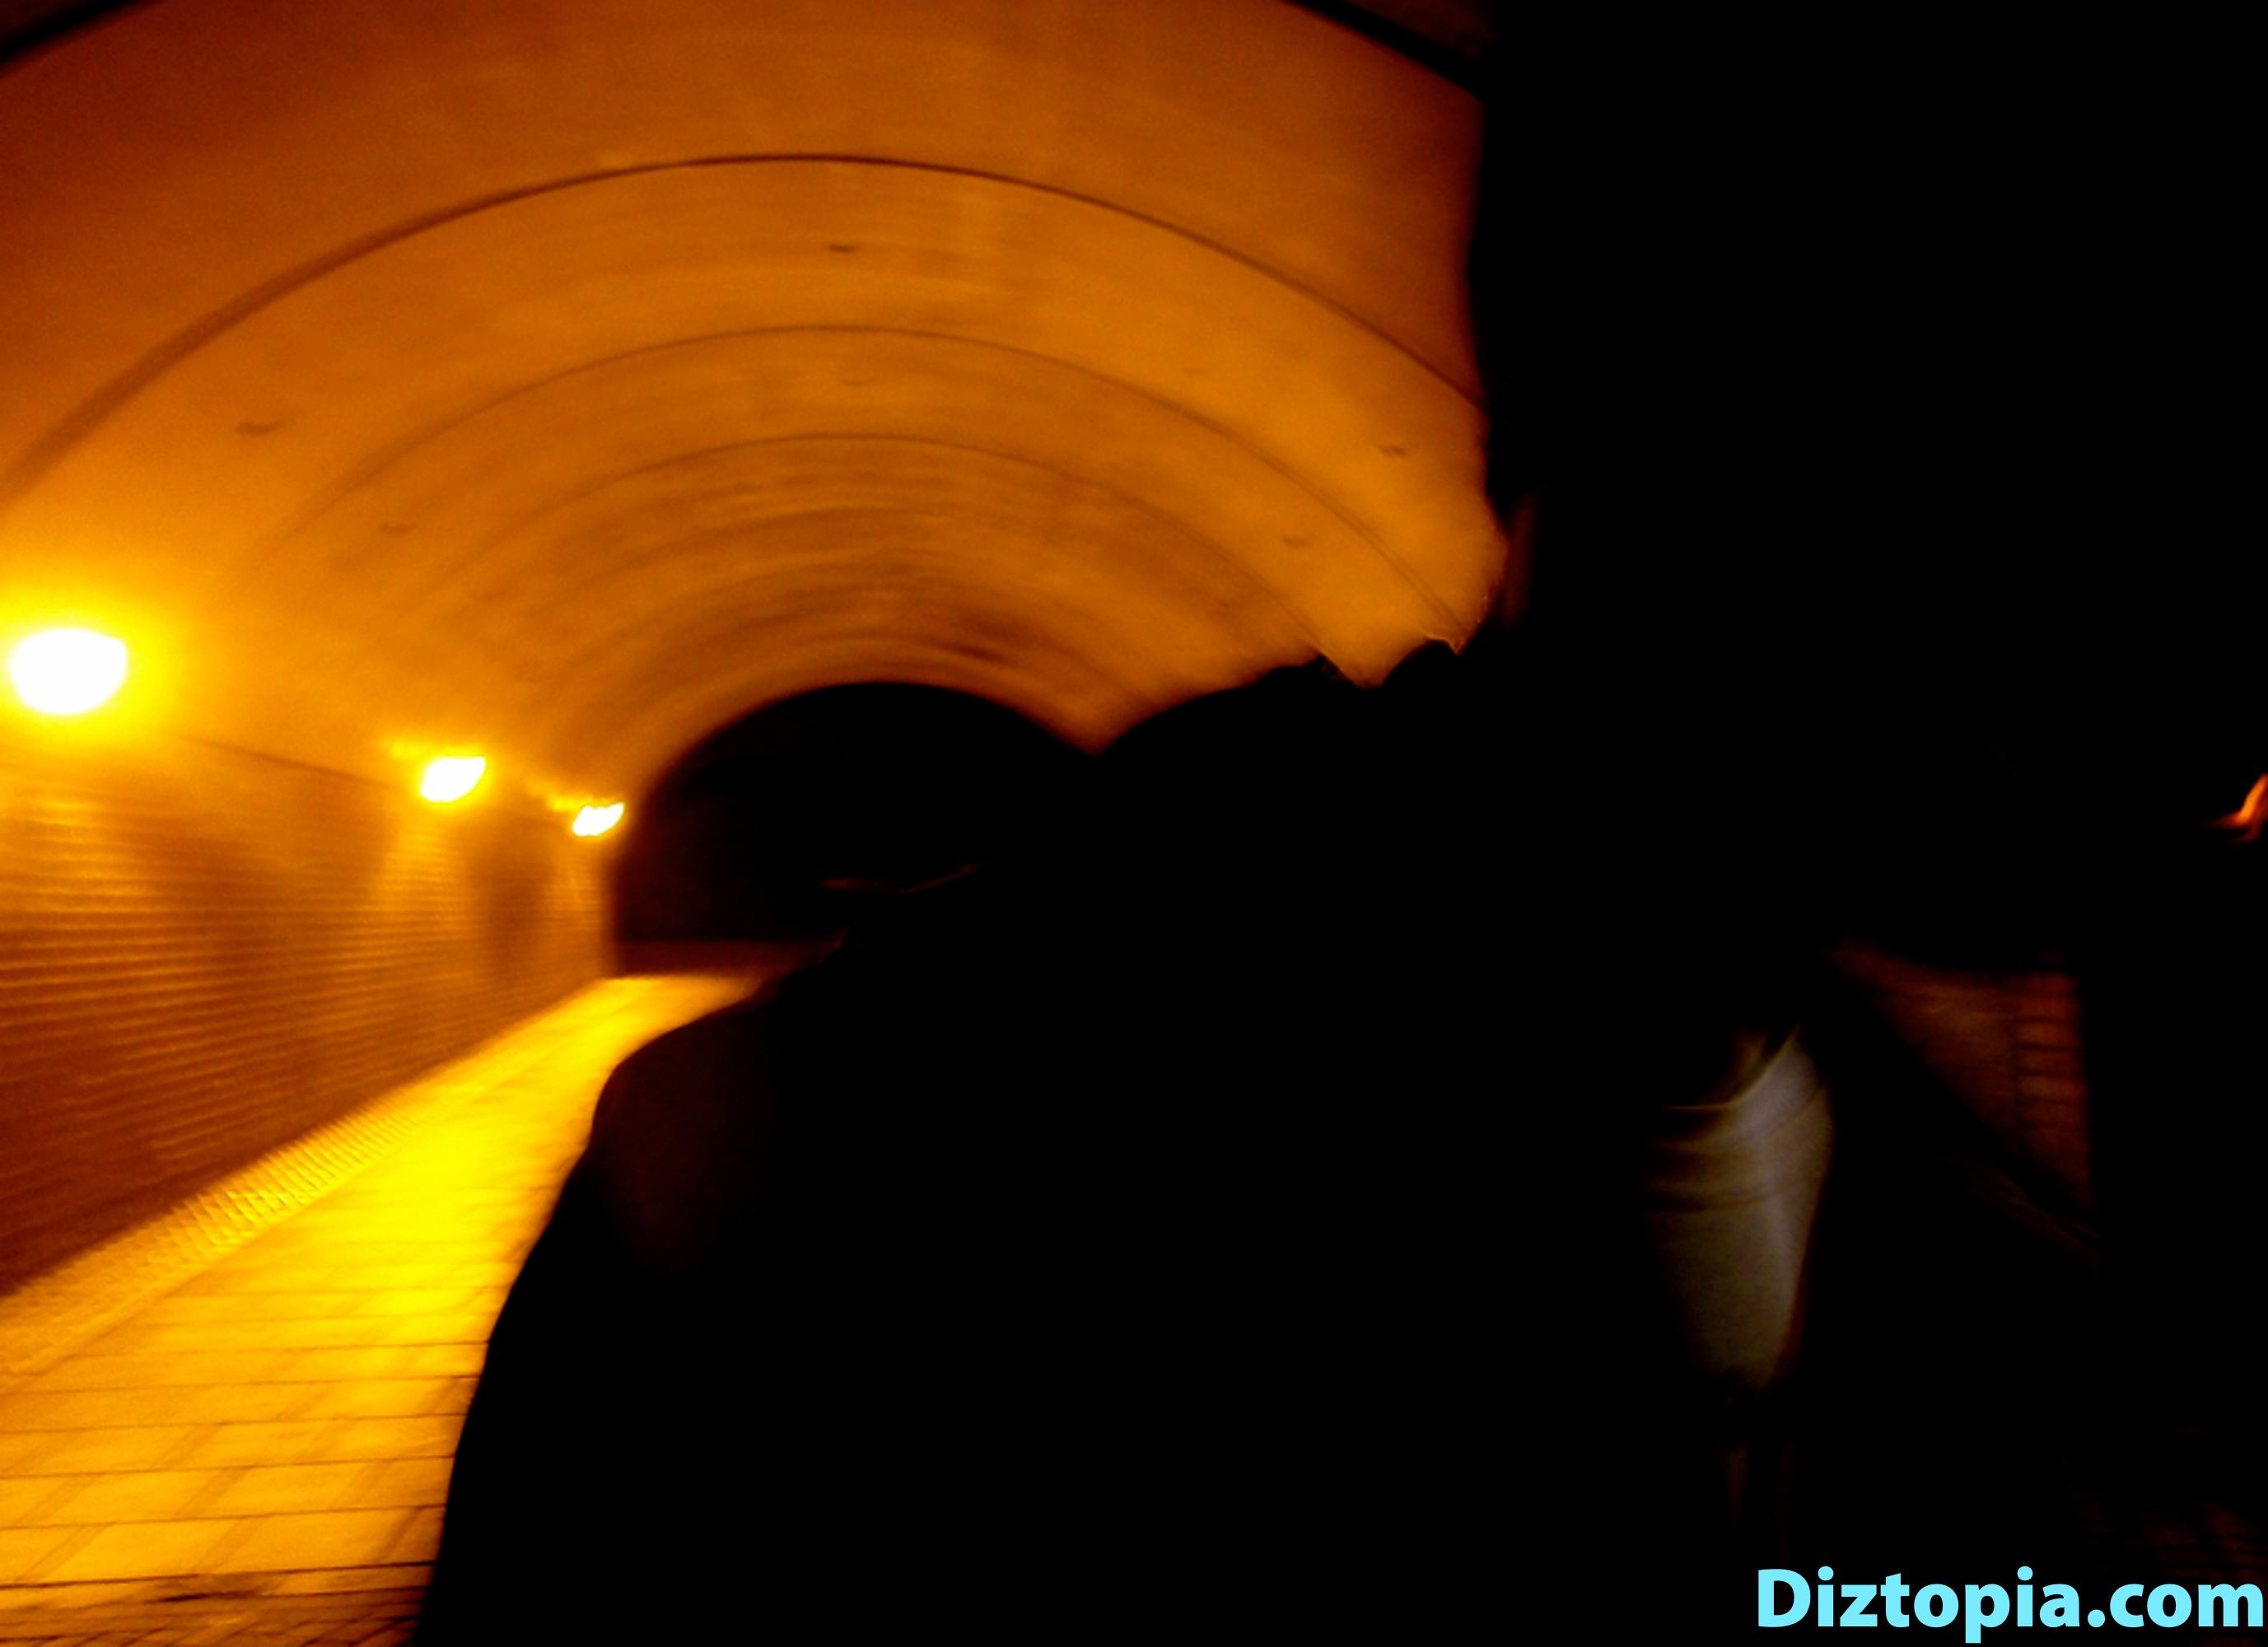 diztopia-com-dizma_dahl-photography-digicam-46